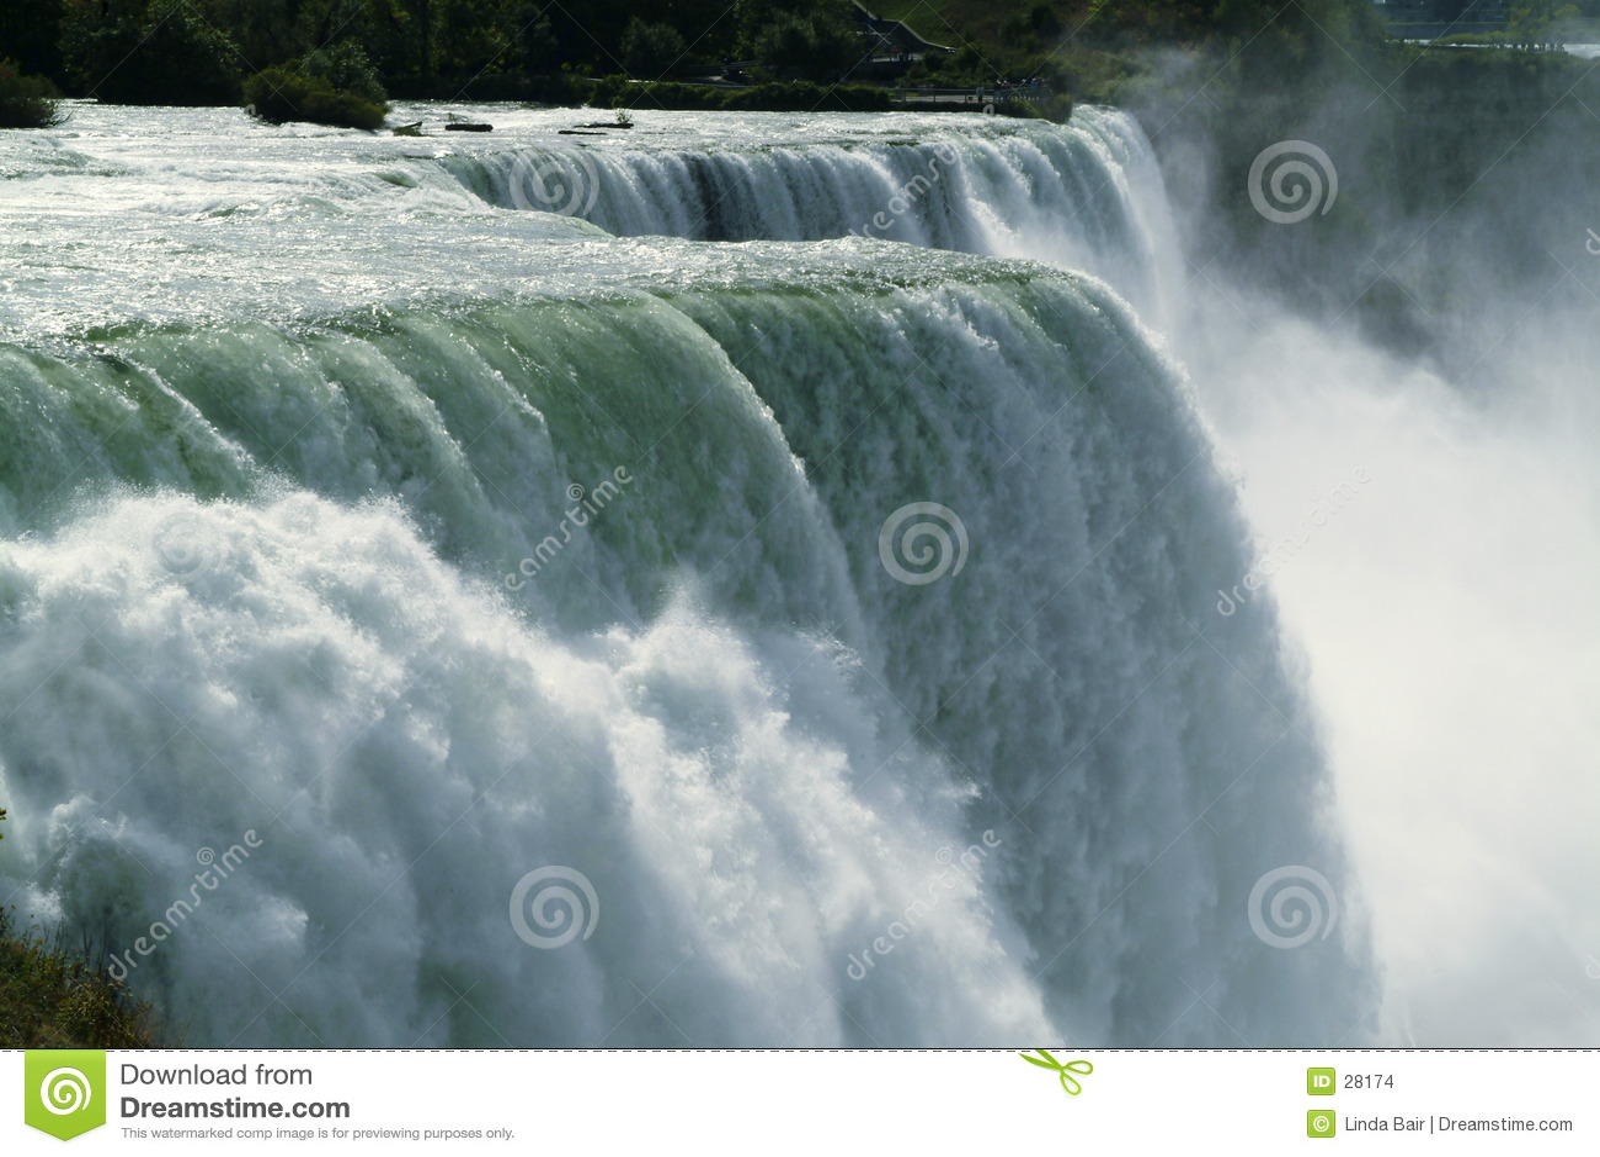 Waterfall Power